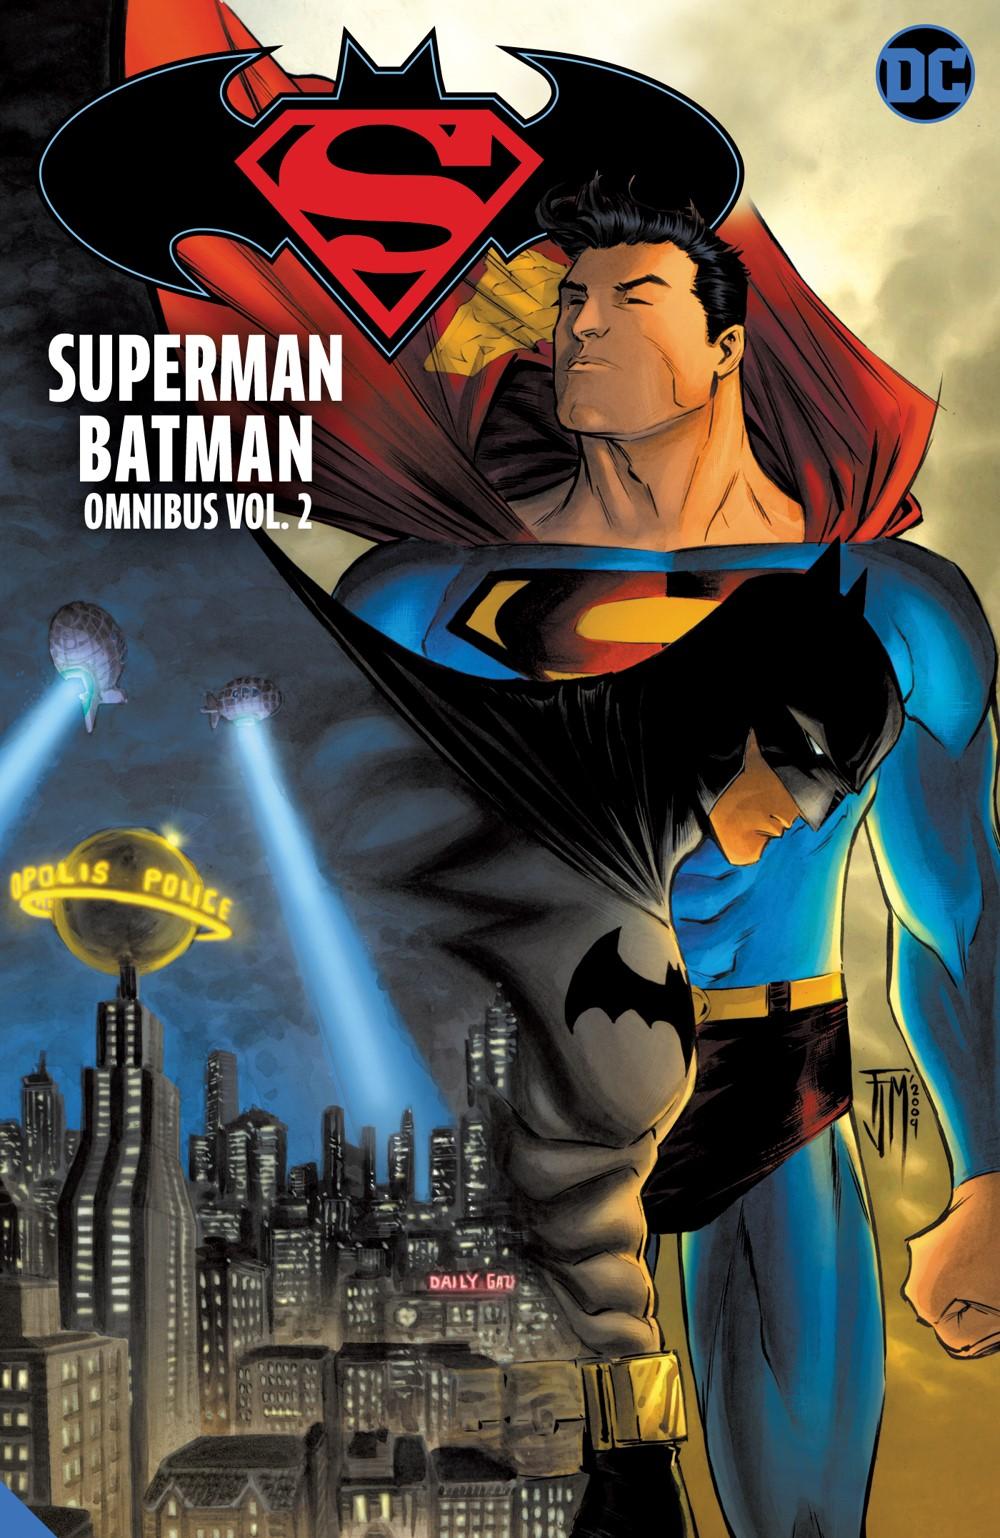 supermanbatman-omni-vol2_adv DC Comics October 2021 Solicitations